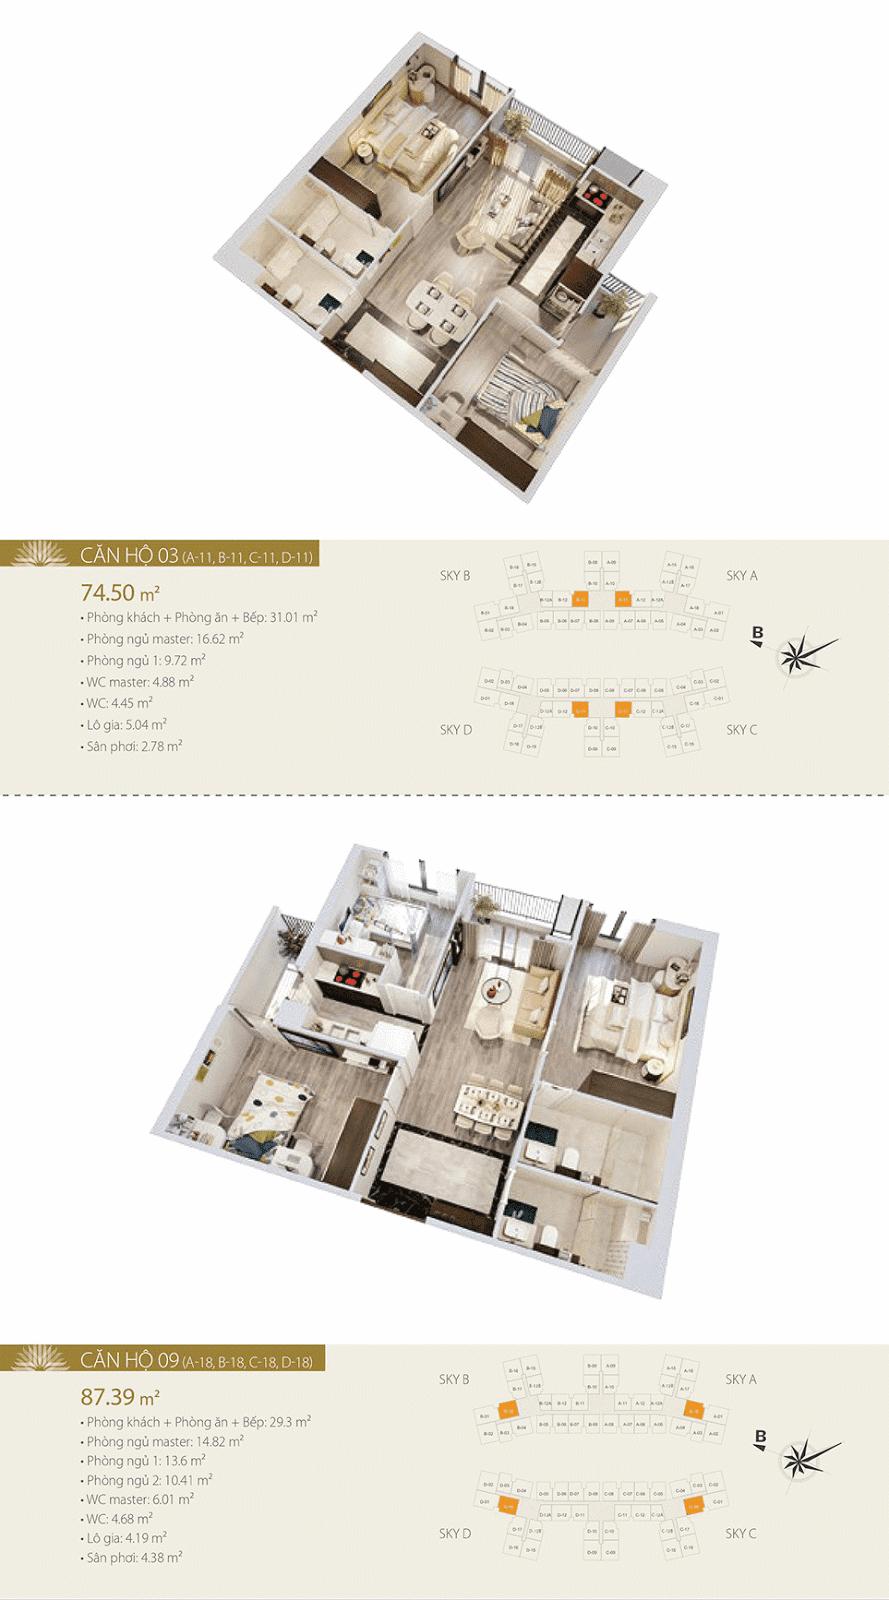 Mặt bằng chi tiết căn hộ 03 và 09 - Imperia Sky Garden